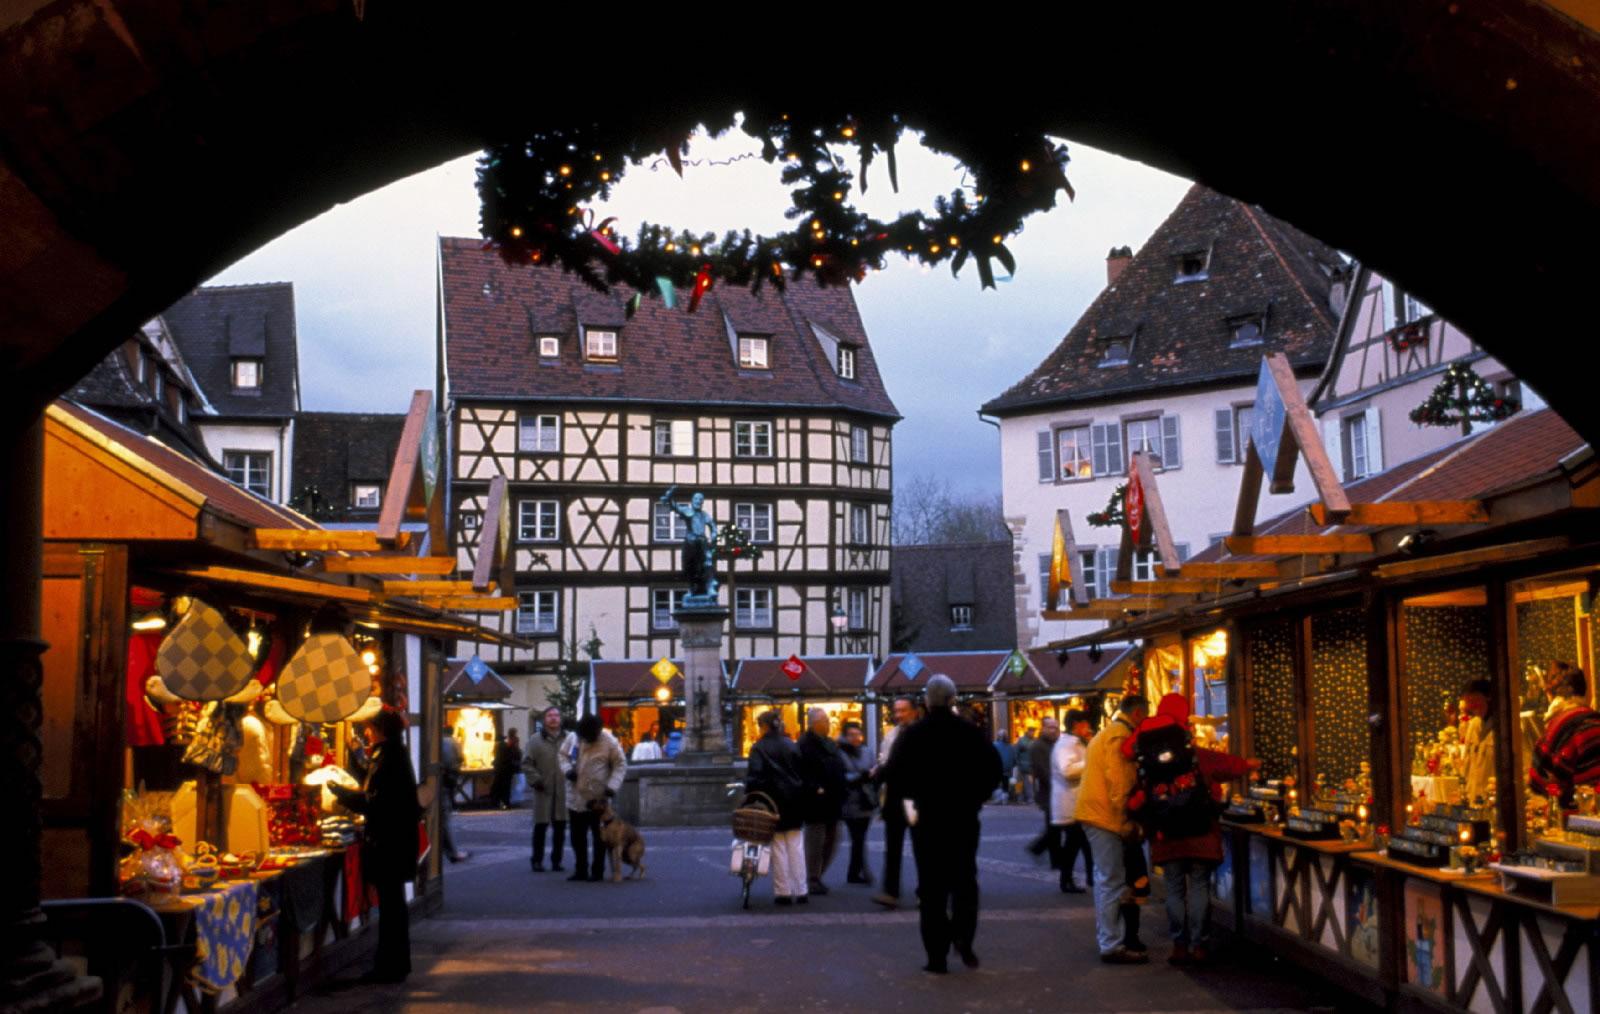 Ein schöner und gemütlich wirkender Weihnachtsmarkt in Colmar mit vielen tollen Dekorationen sowie lokalen Produkten